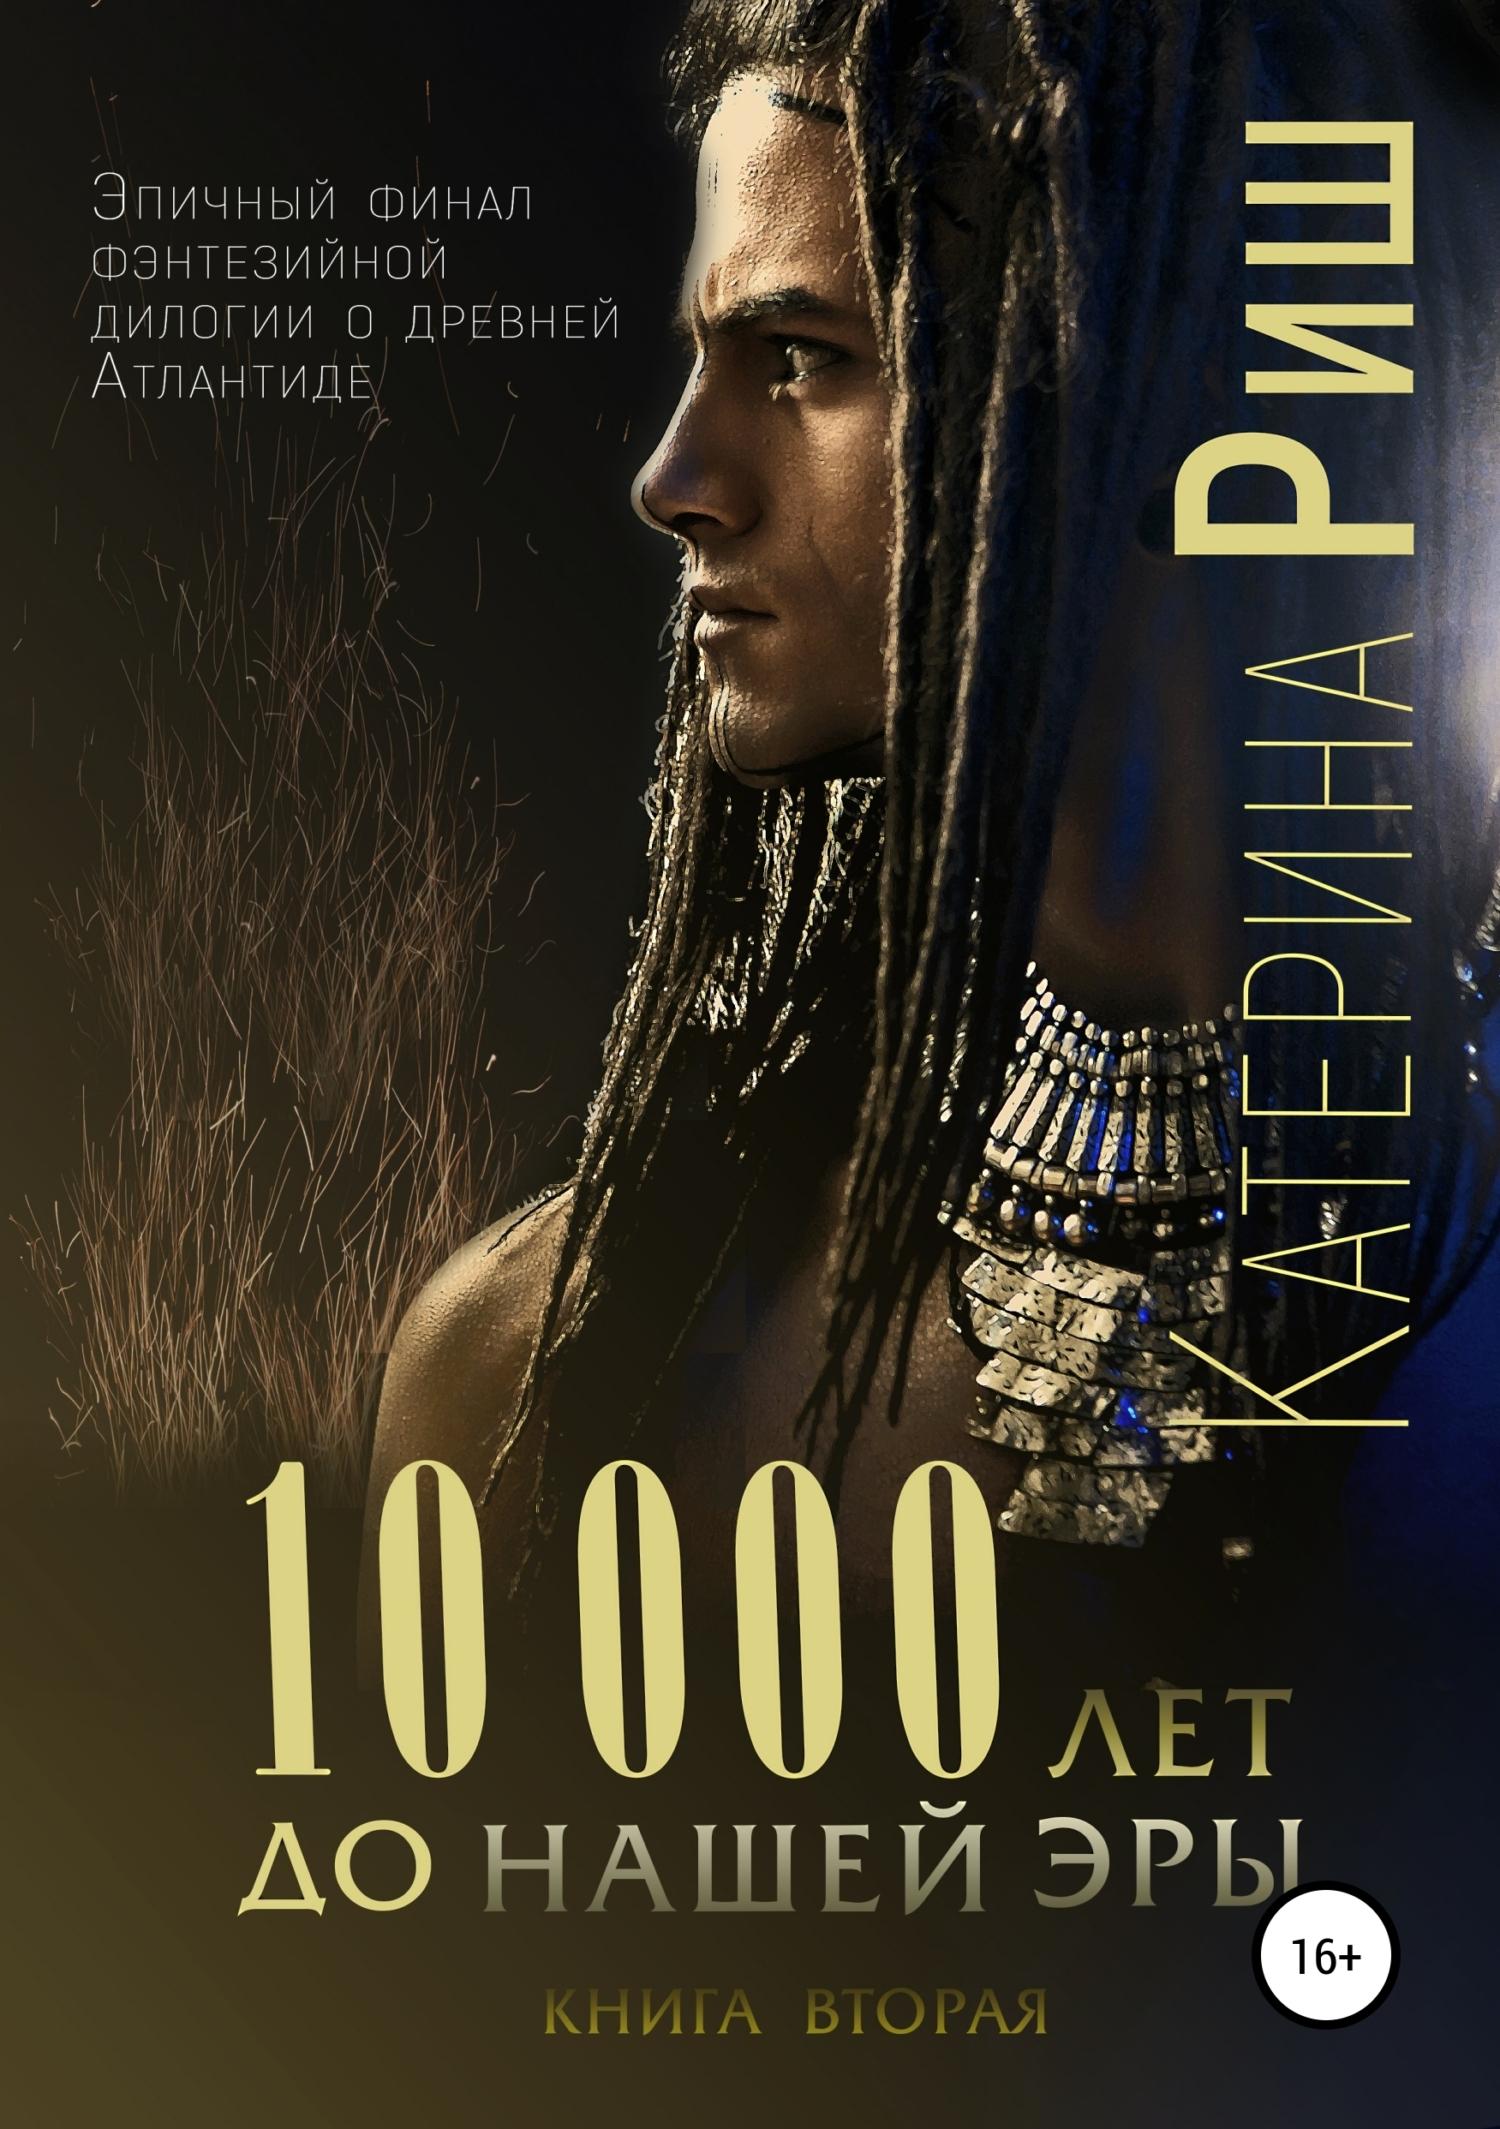 10000 лет до нашей эры. Книга 2